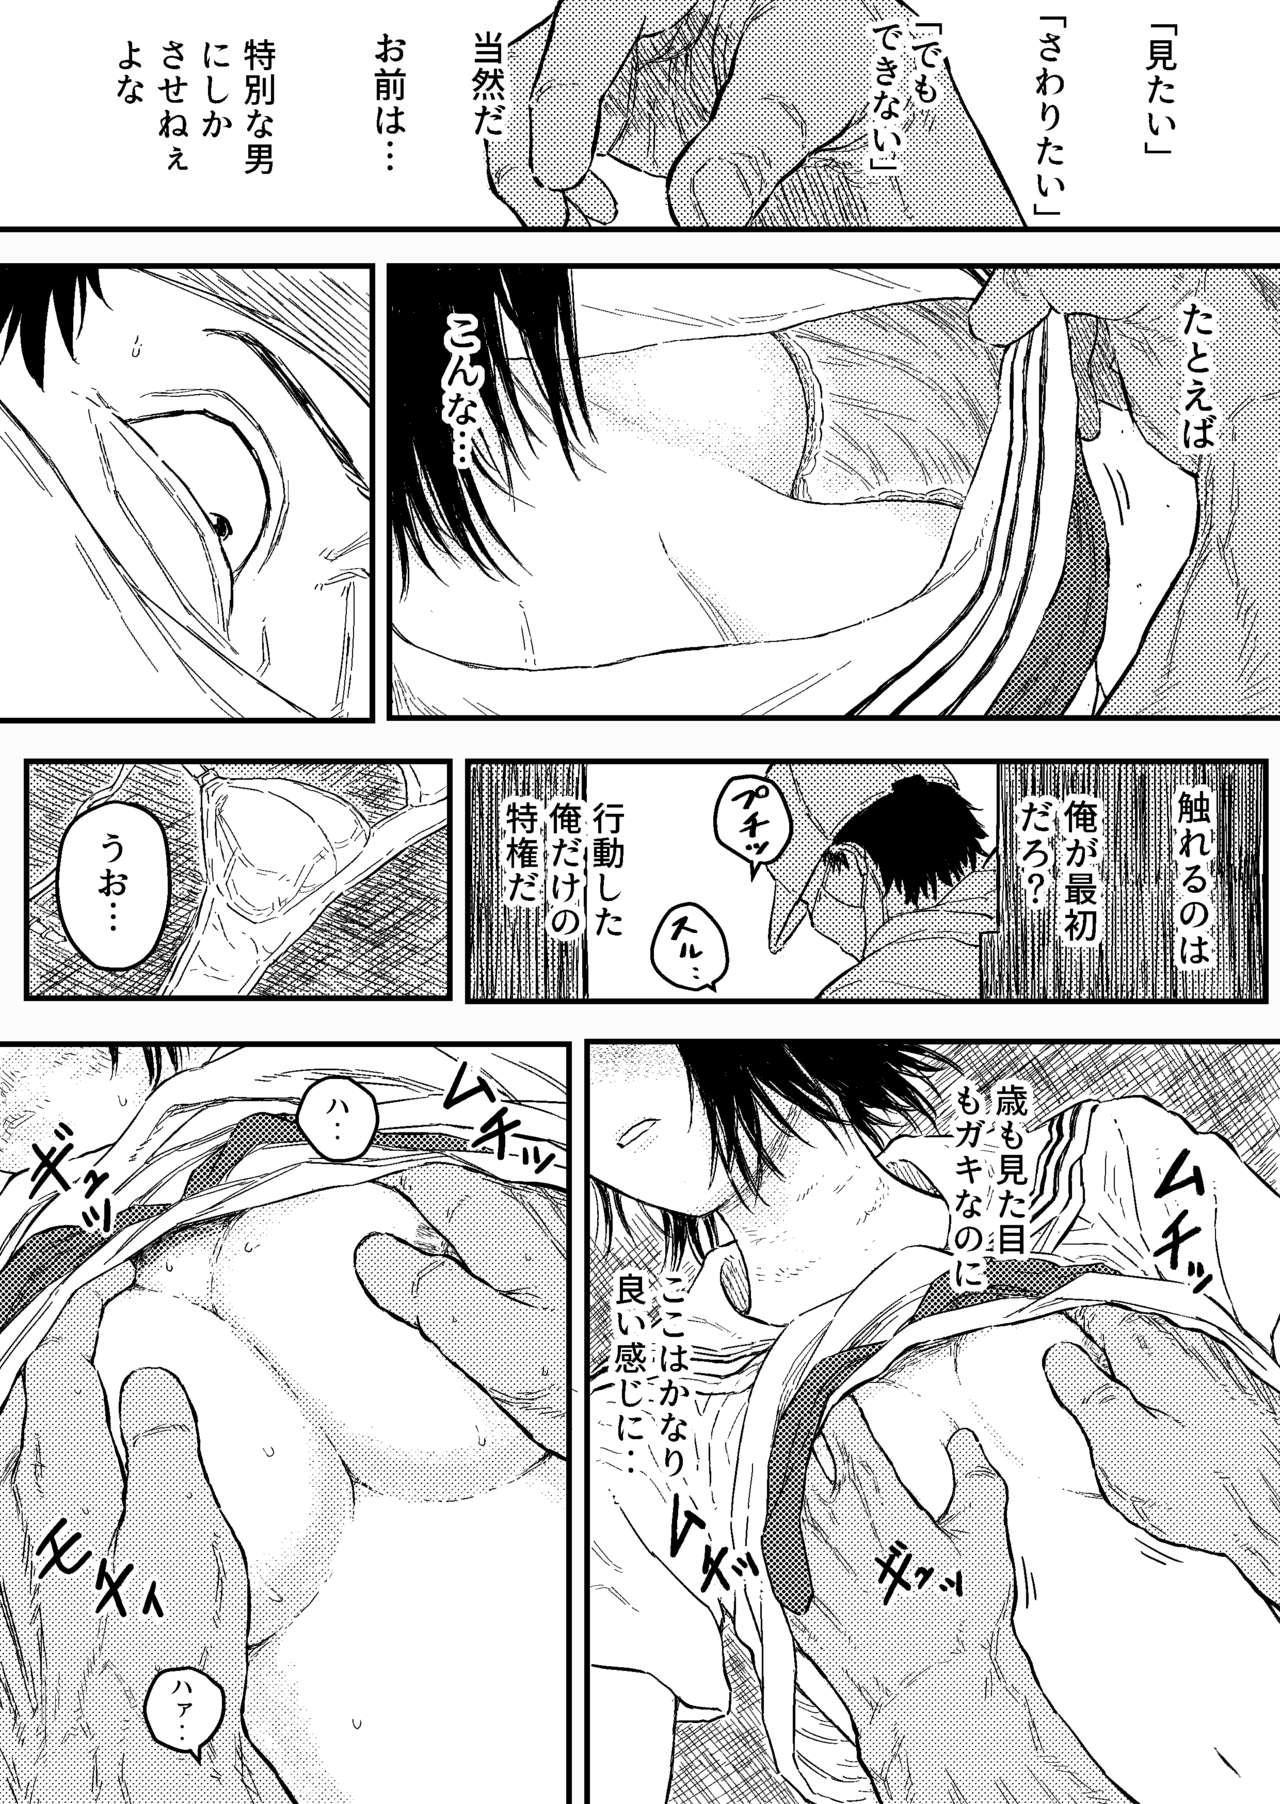 Houkago no Strangler 14